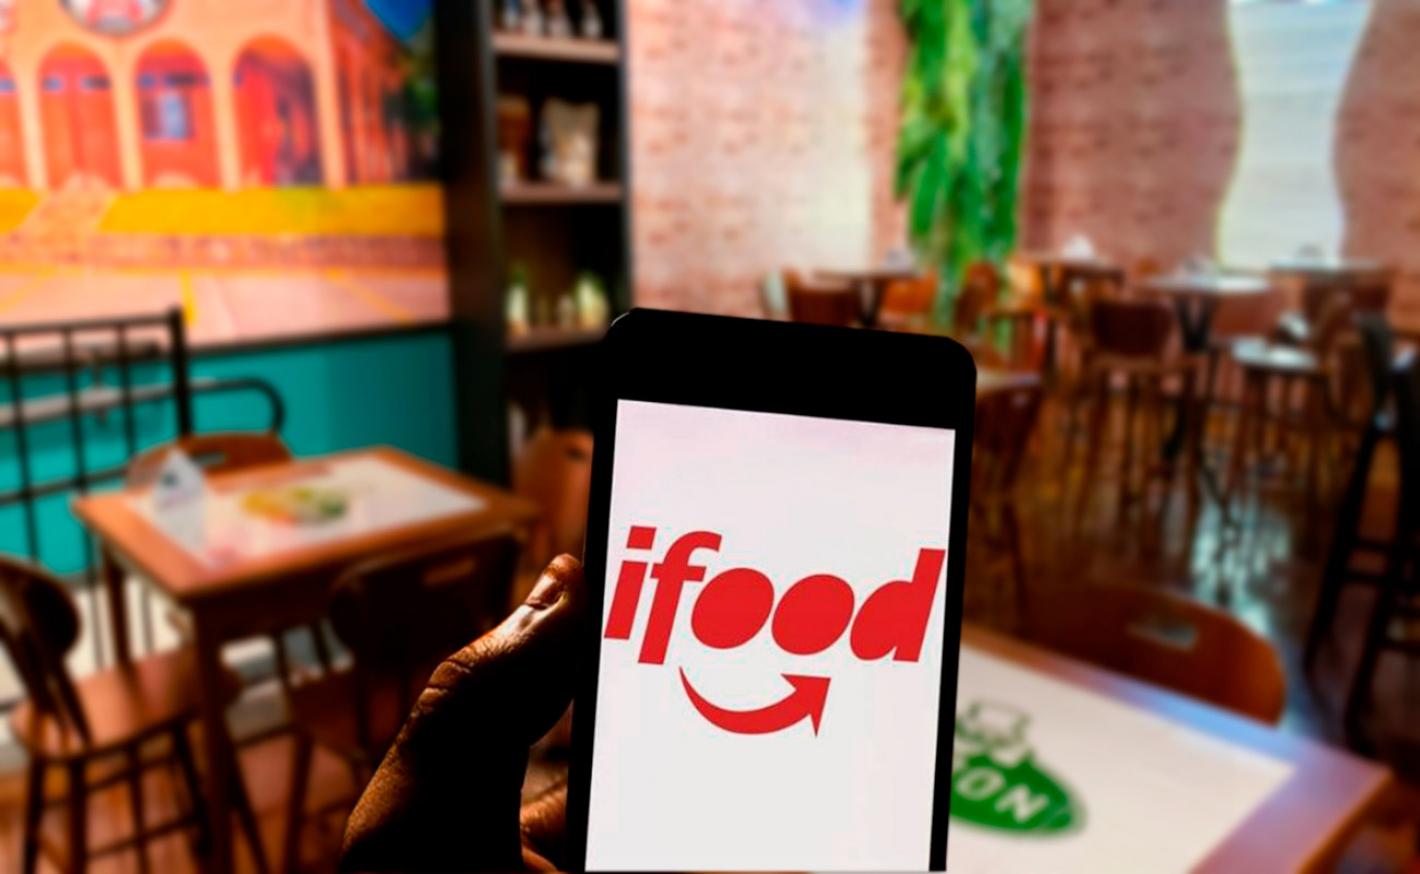 Guia rápido: Como cadastrar restaurante no iFood